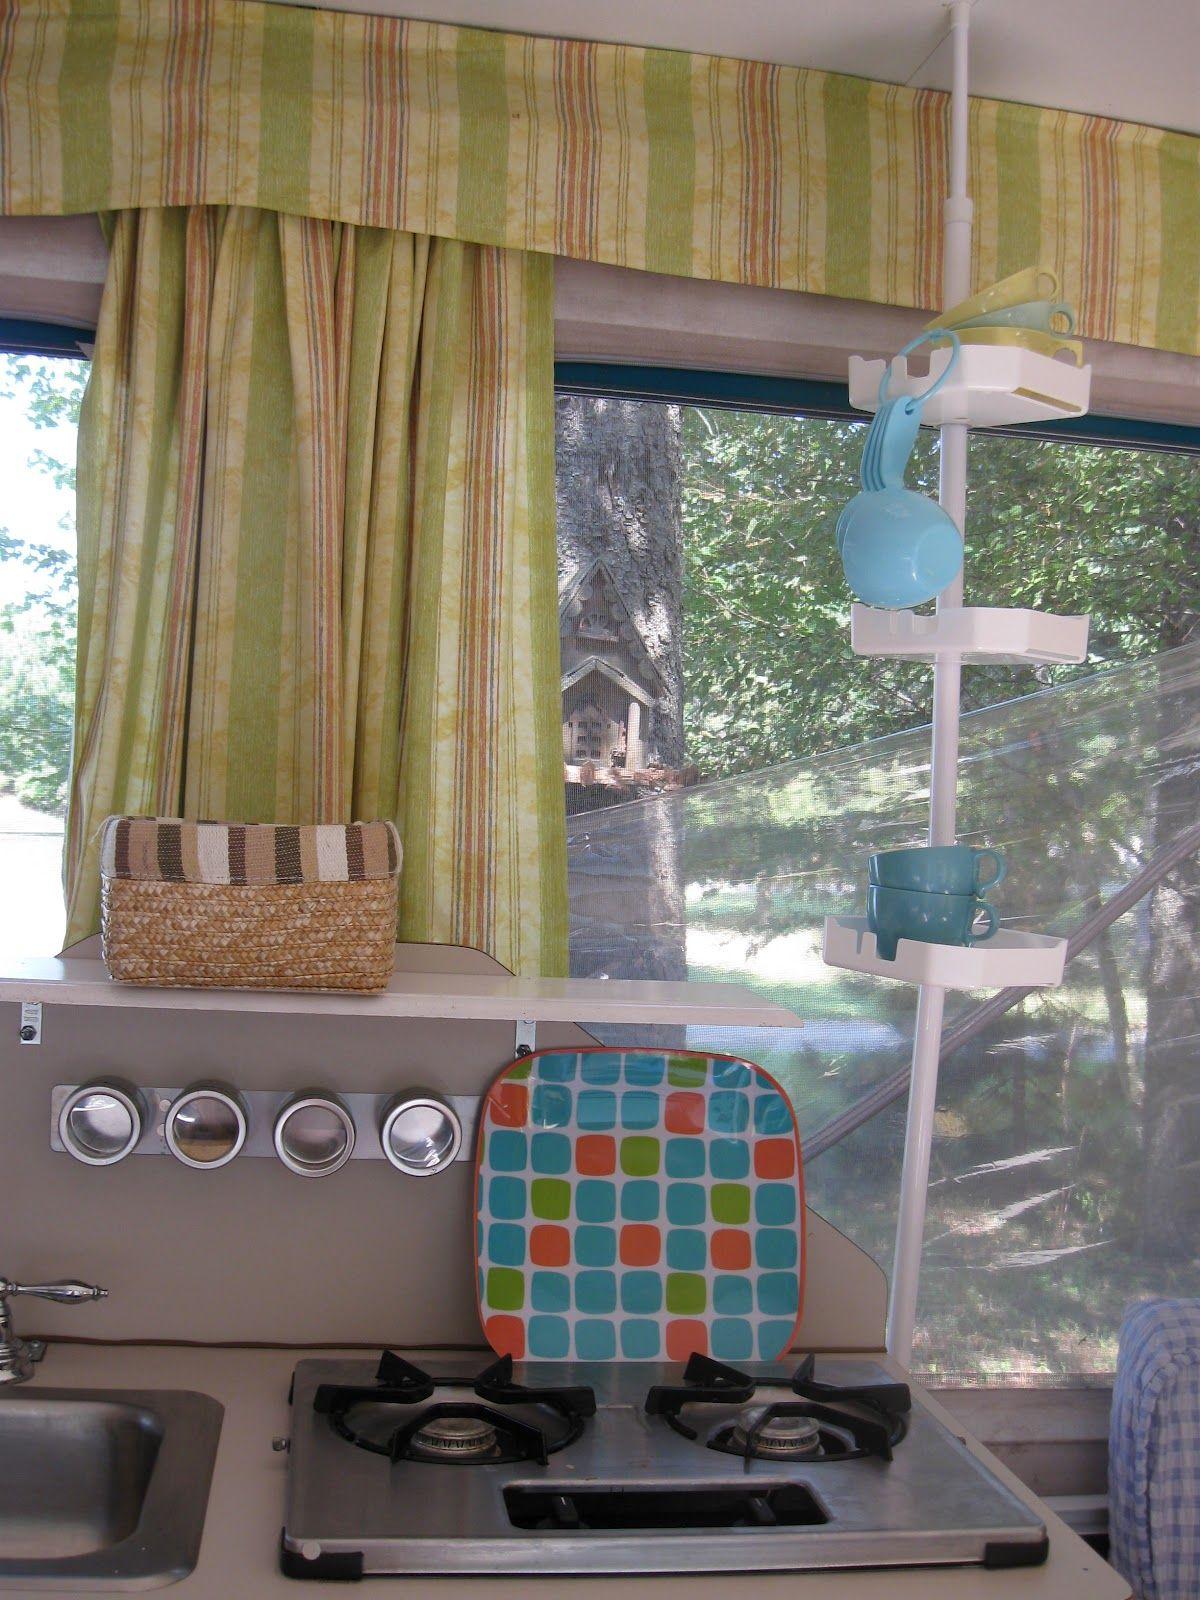 Camper Remodel Tent Trailer Camper Curtains Remodeled Campers